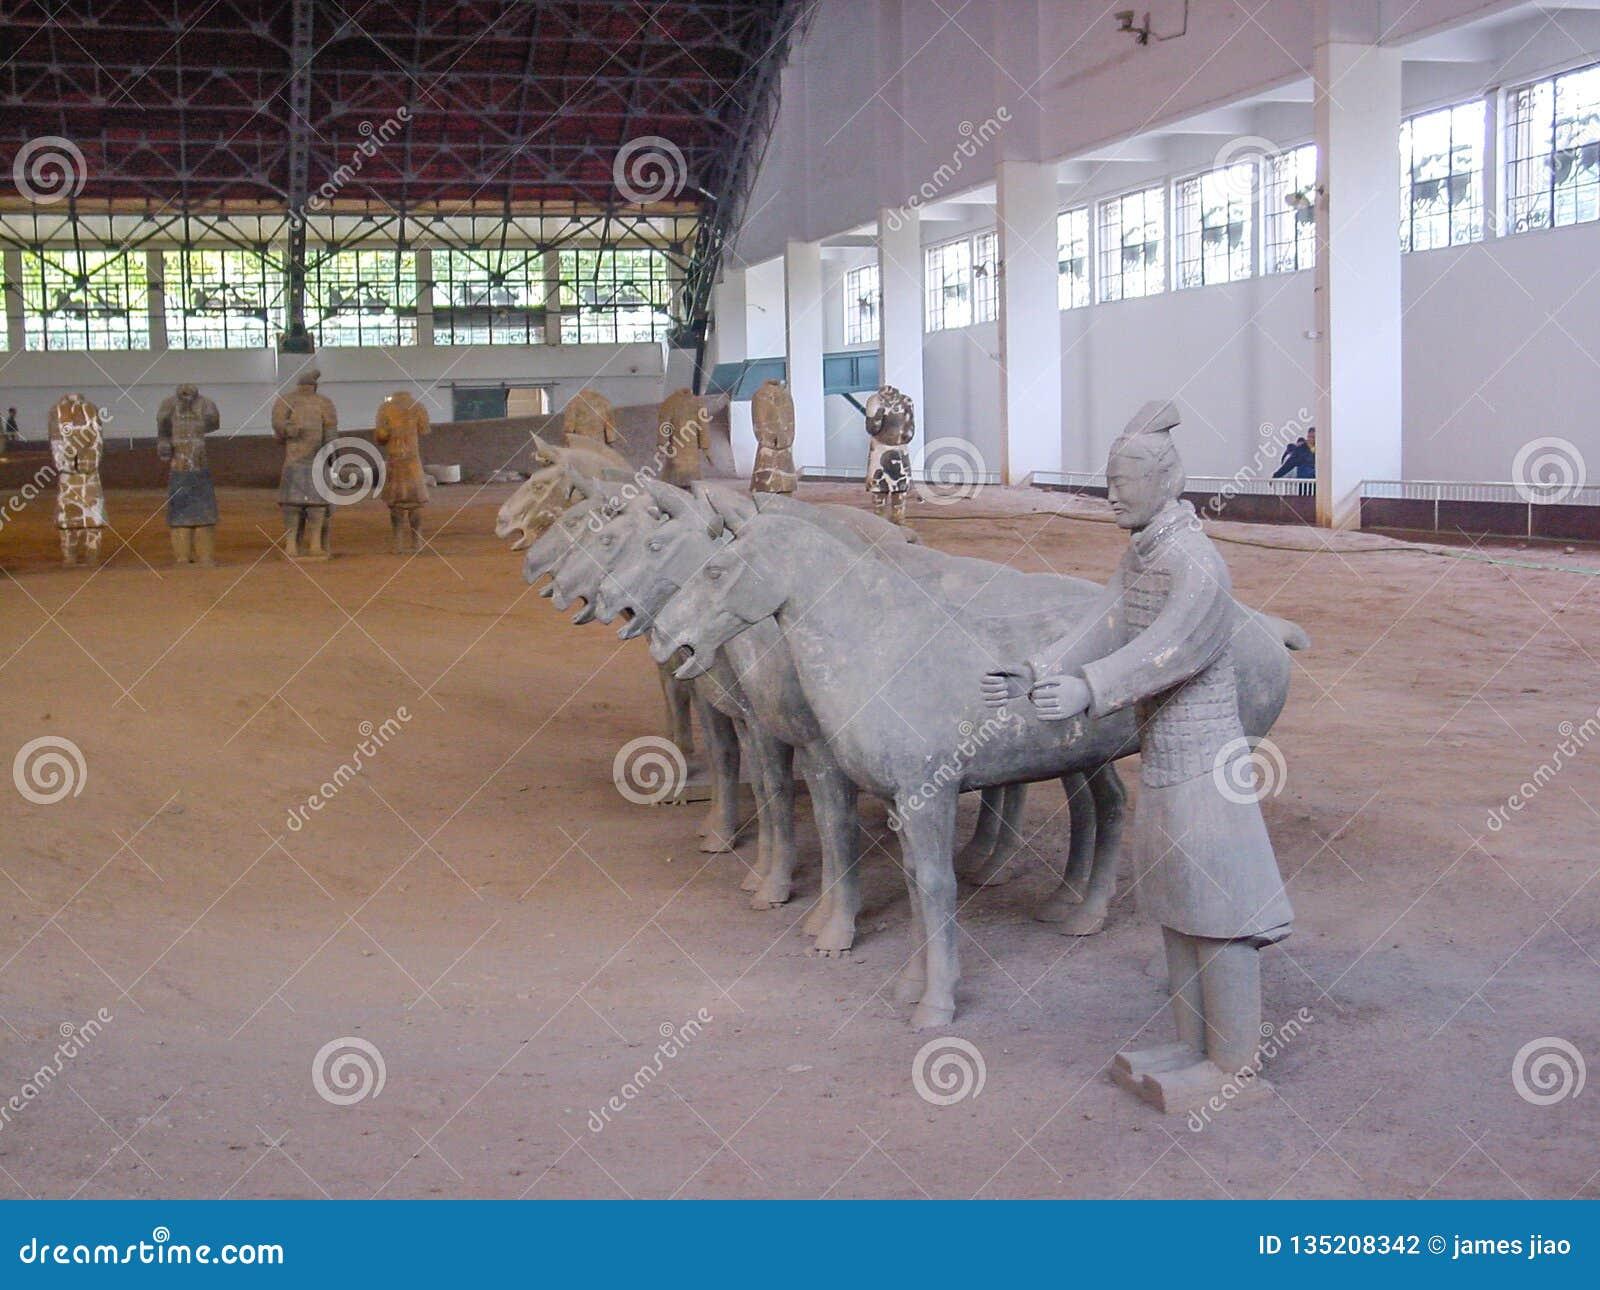 China's第一个皇帝坟茔的秦始皇兵马俑战士在西安 科教文组织世界遗产站点